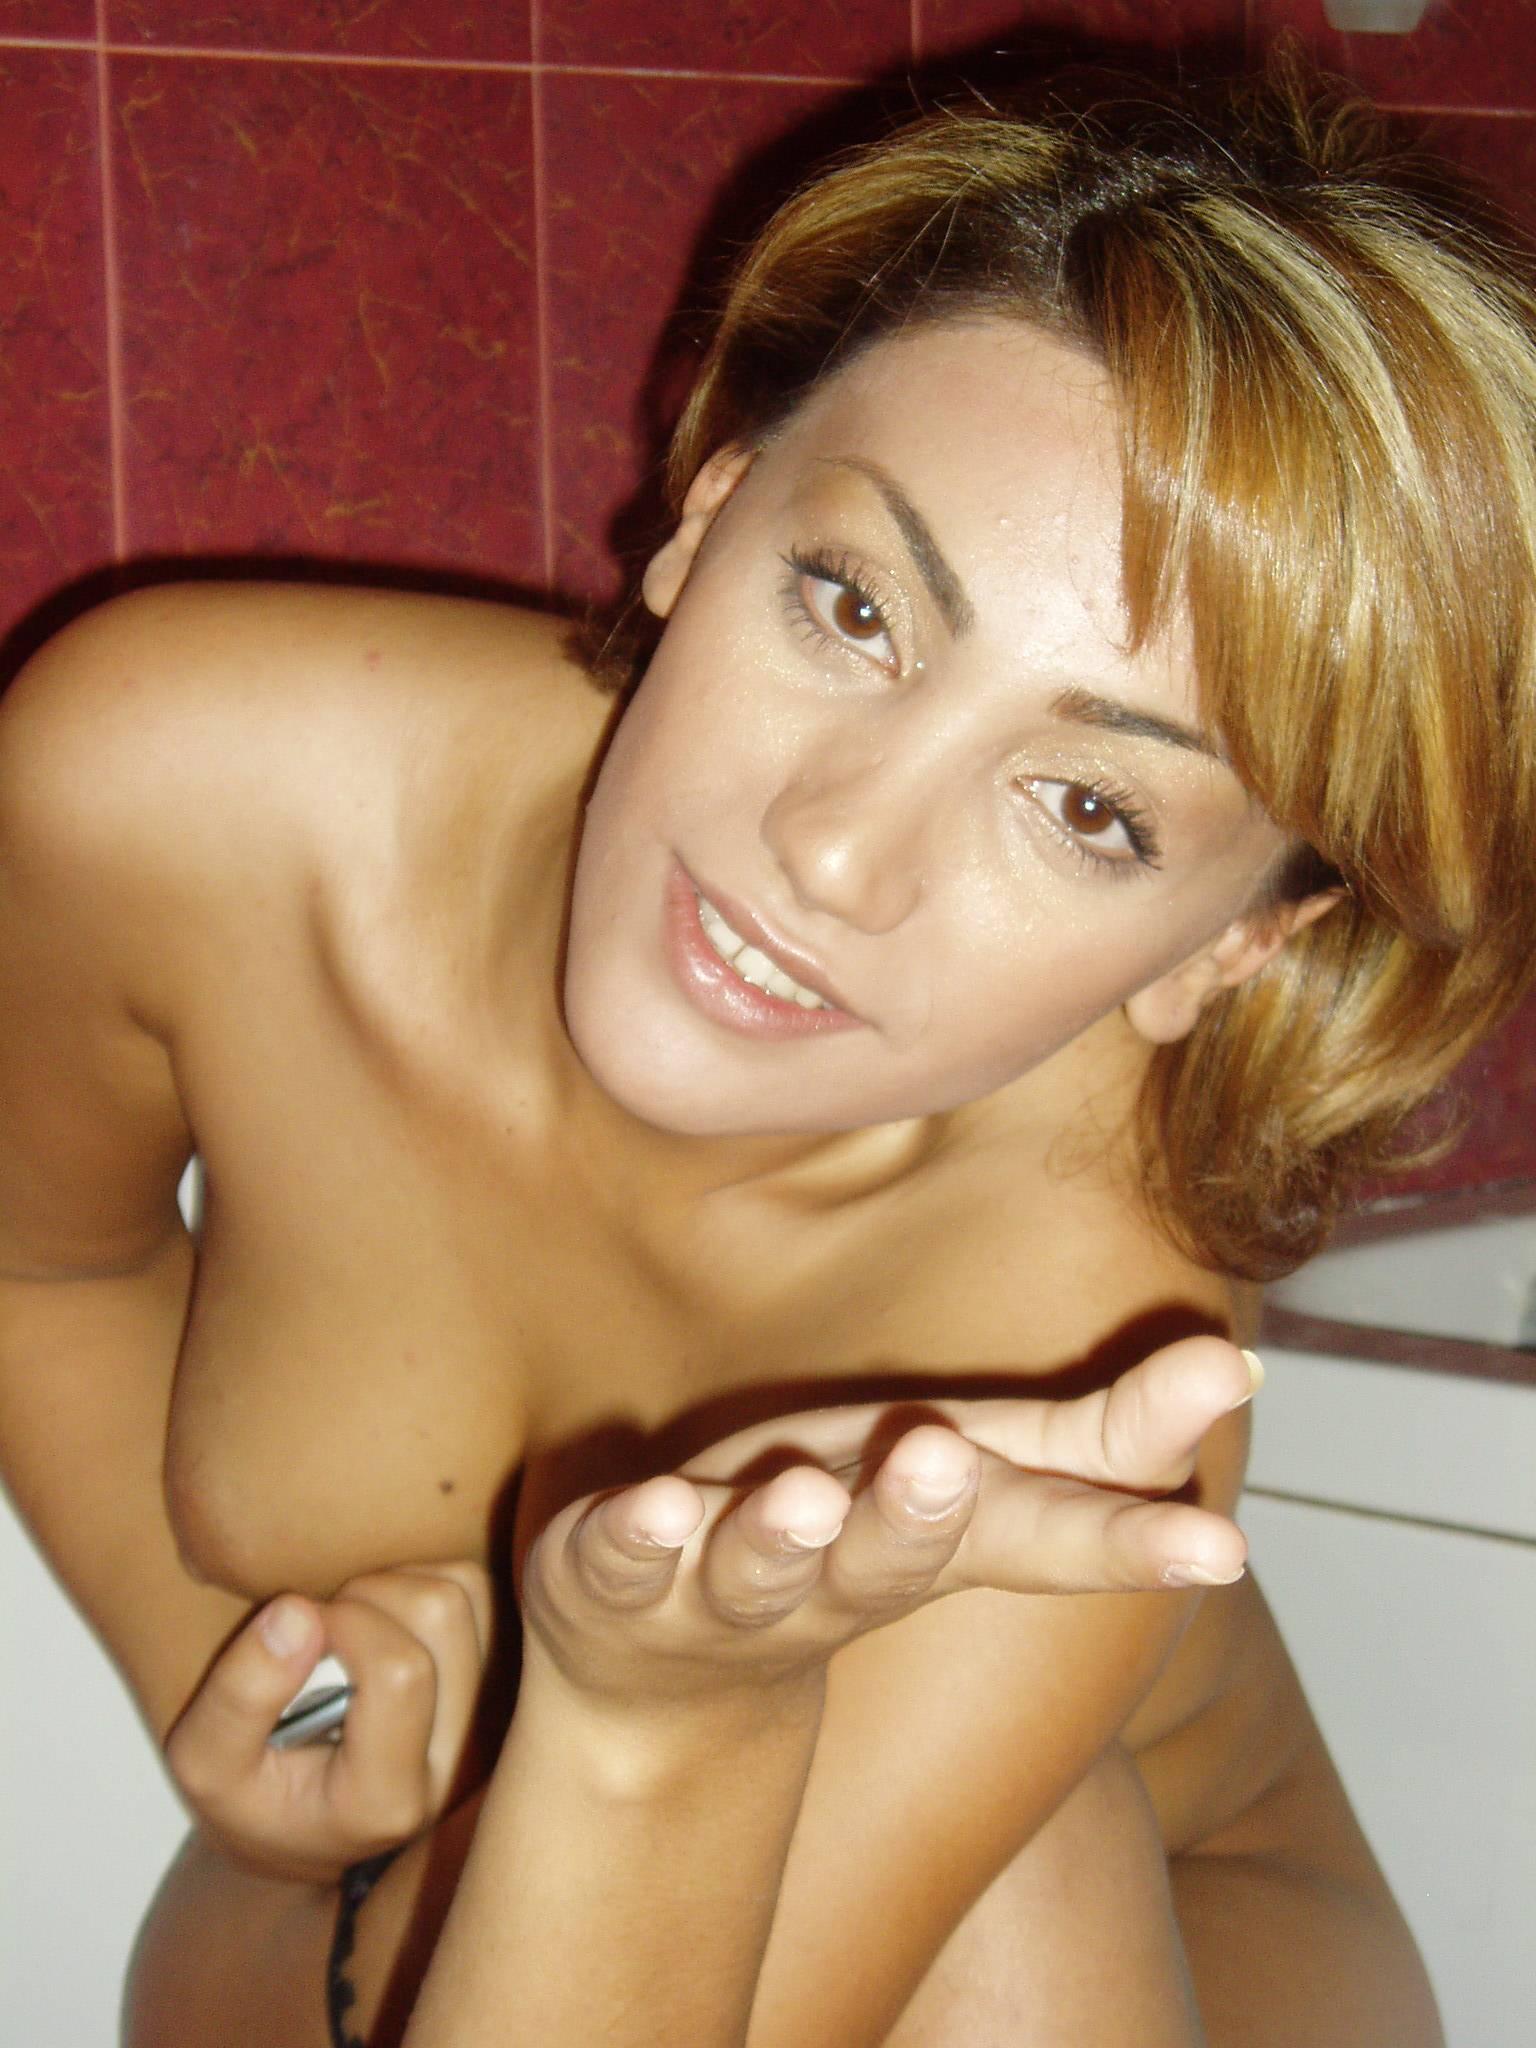 Roya porn 3gp nude gallery